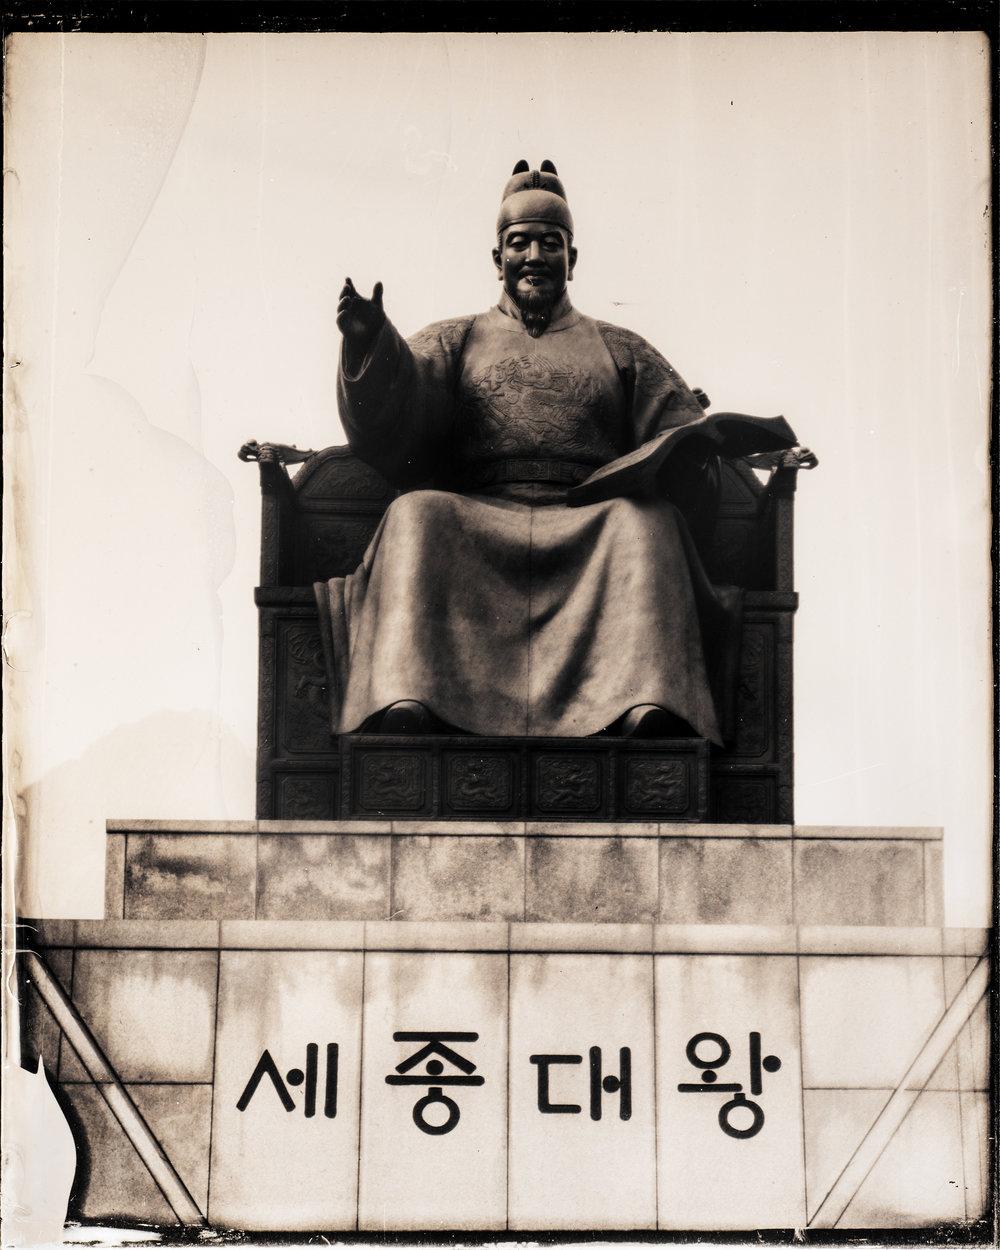 韓国-ソウル-世宗大王像  대한민국-서울-광화문광장-세종대왕 동상  South Korea-Seoul-Gwanghwamun PlazaStatue of King Sejong